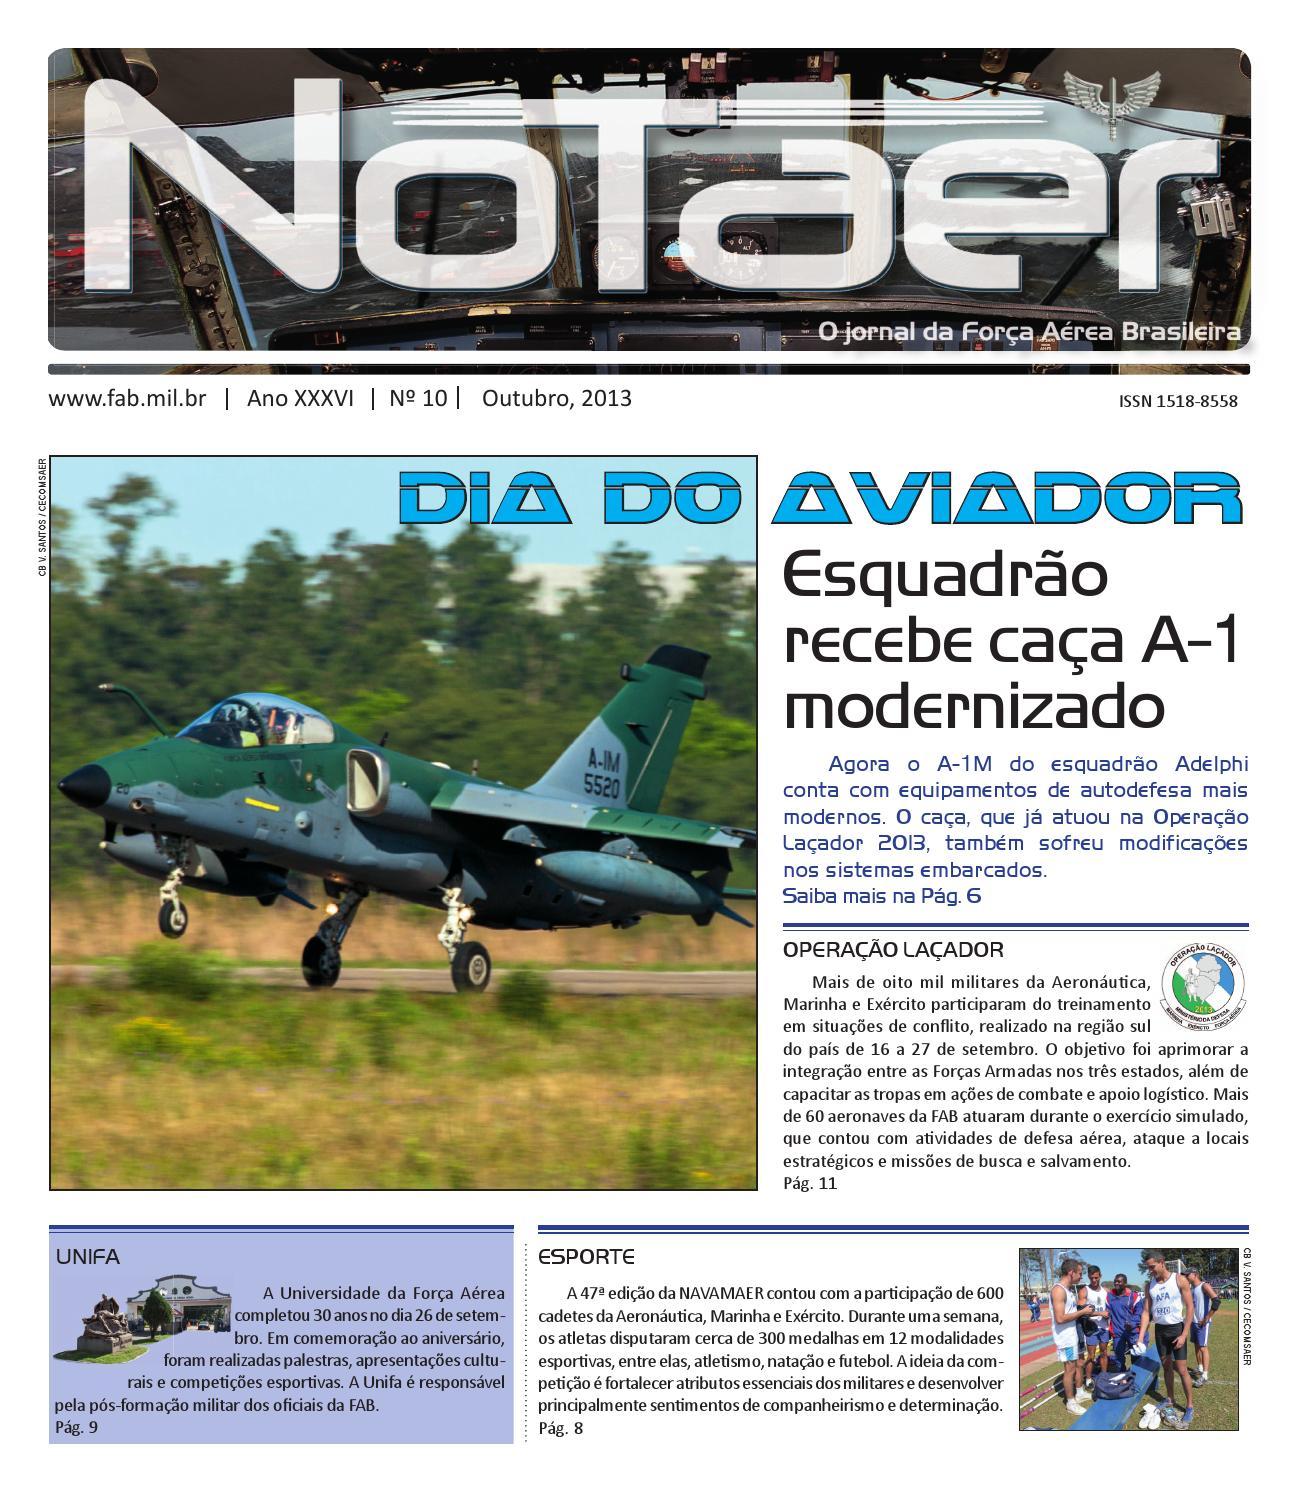 ca7befb65 Notaer Outubro 2013 by Força Aérea Brasileira - issuu